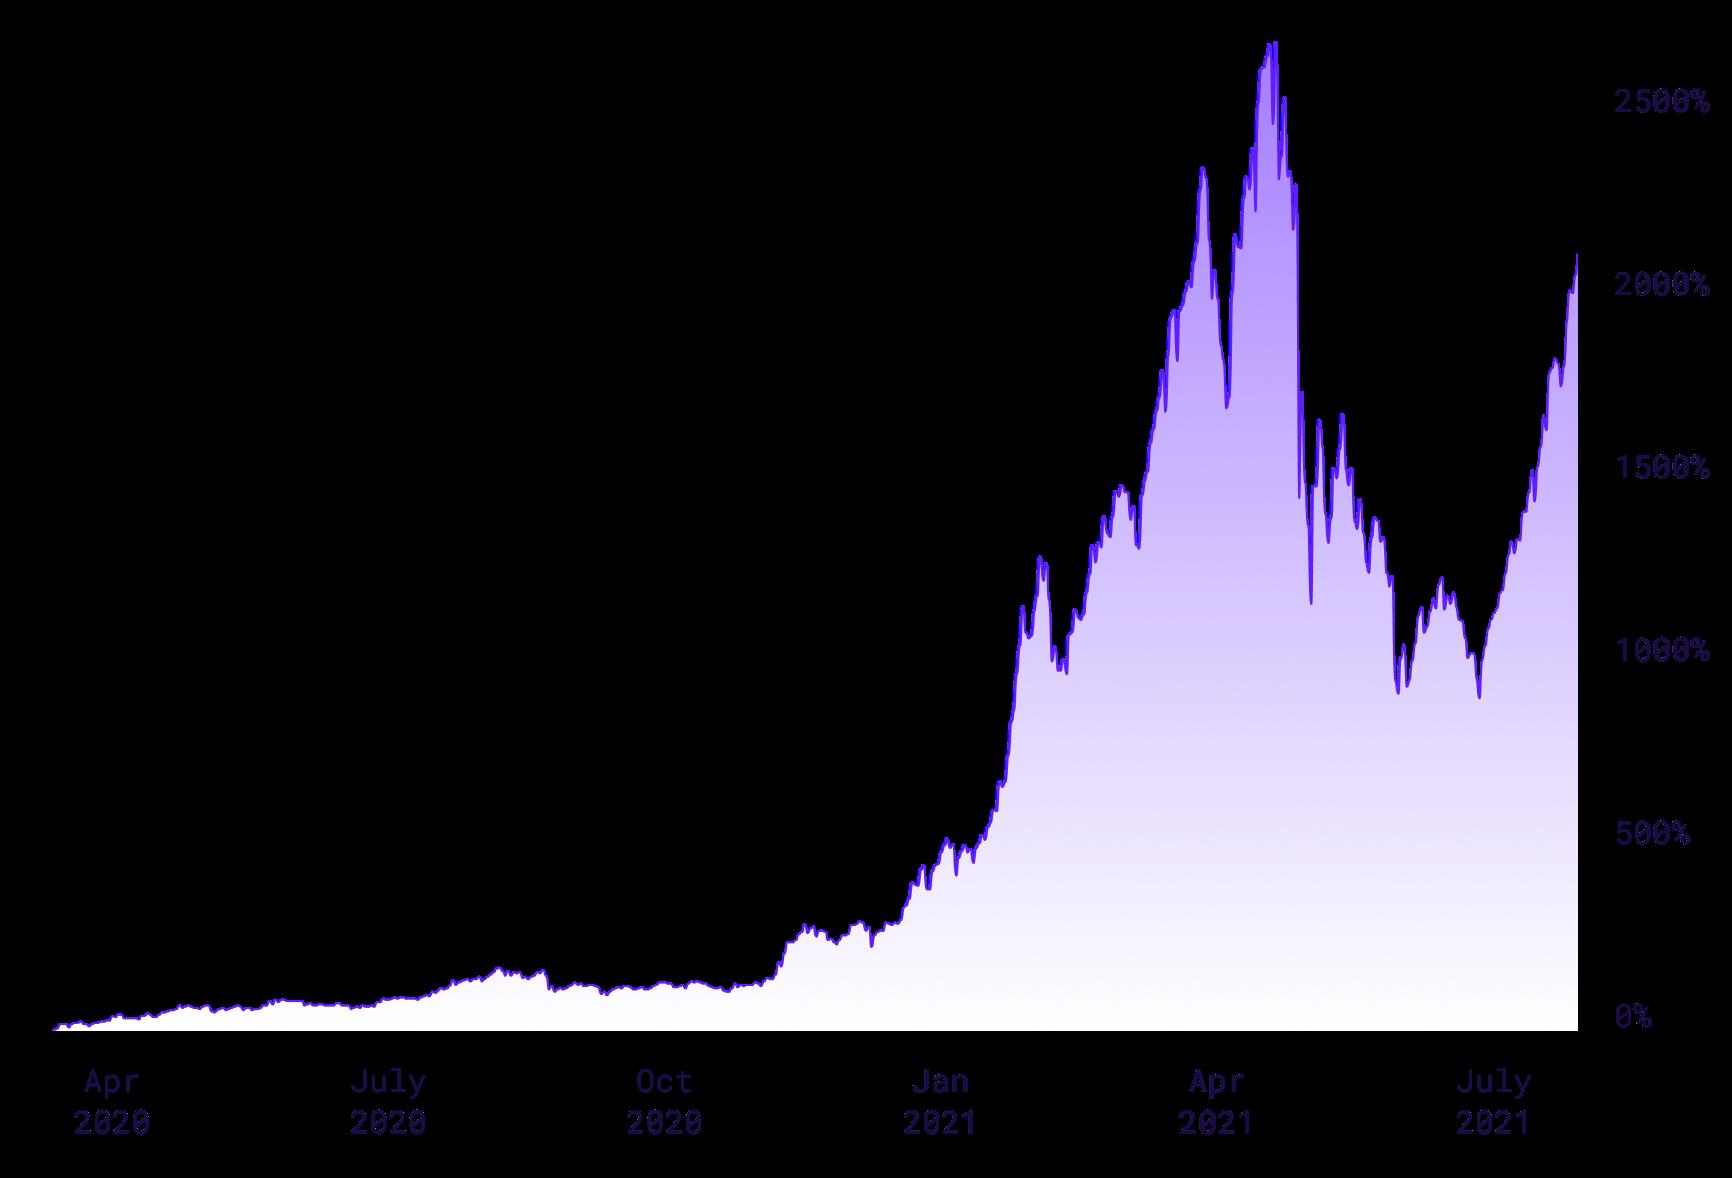 Stoic Returns Chart